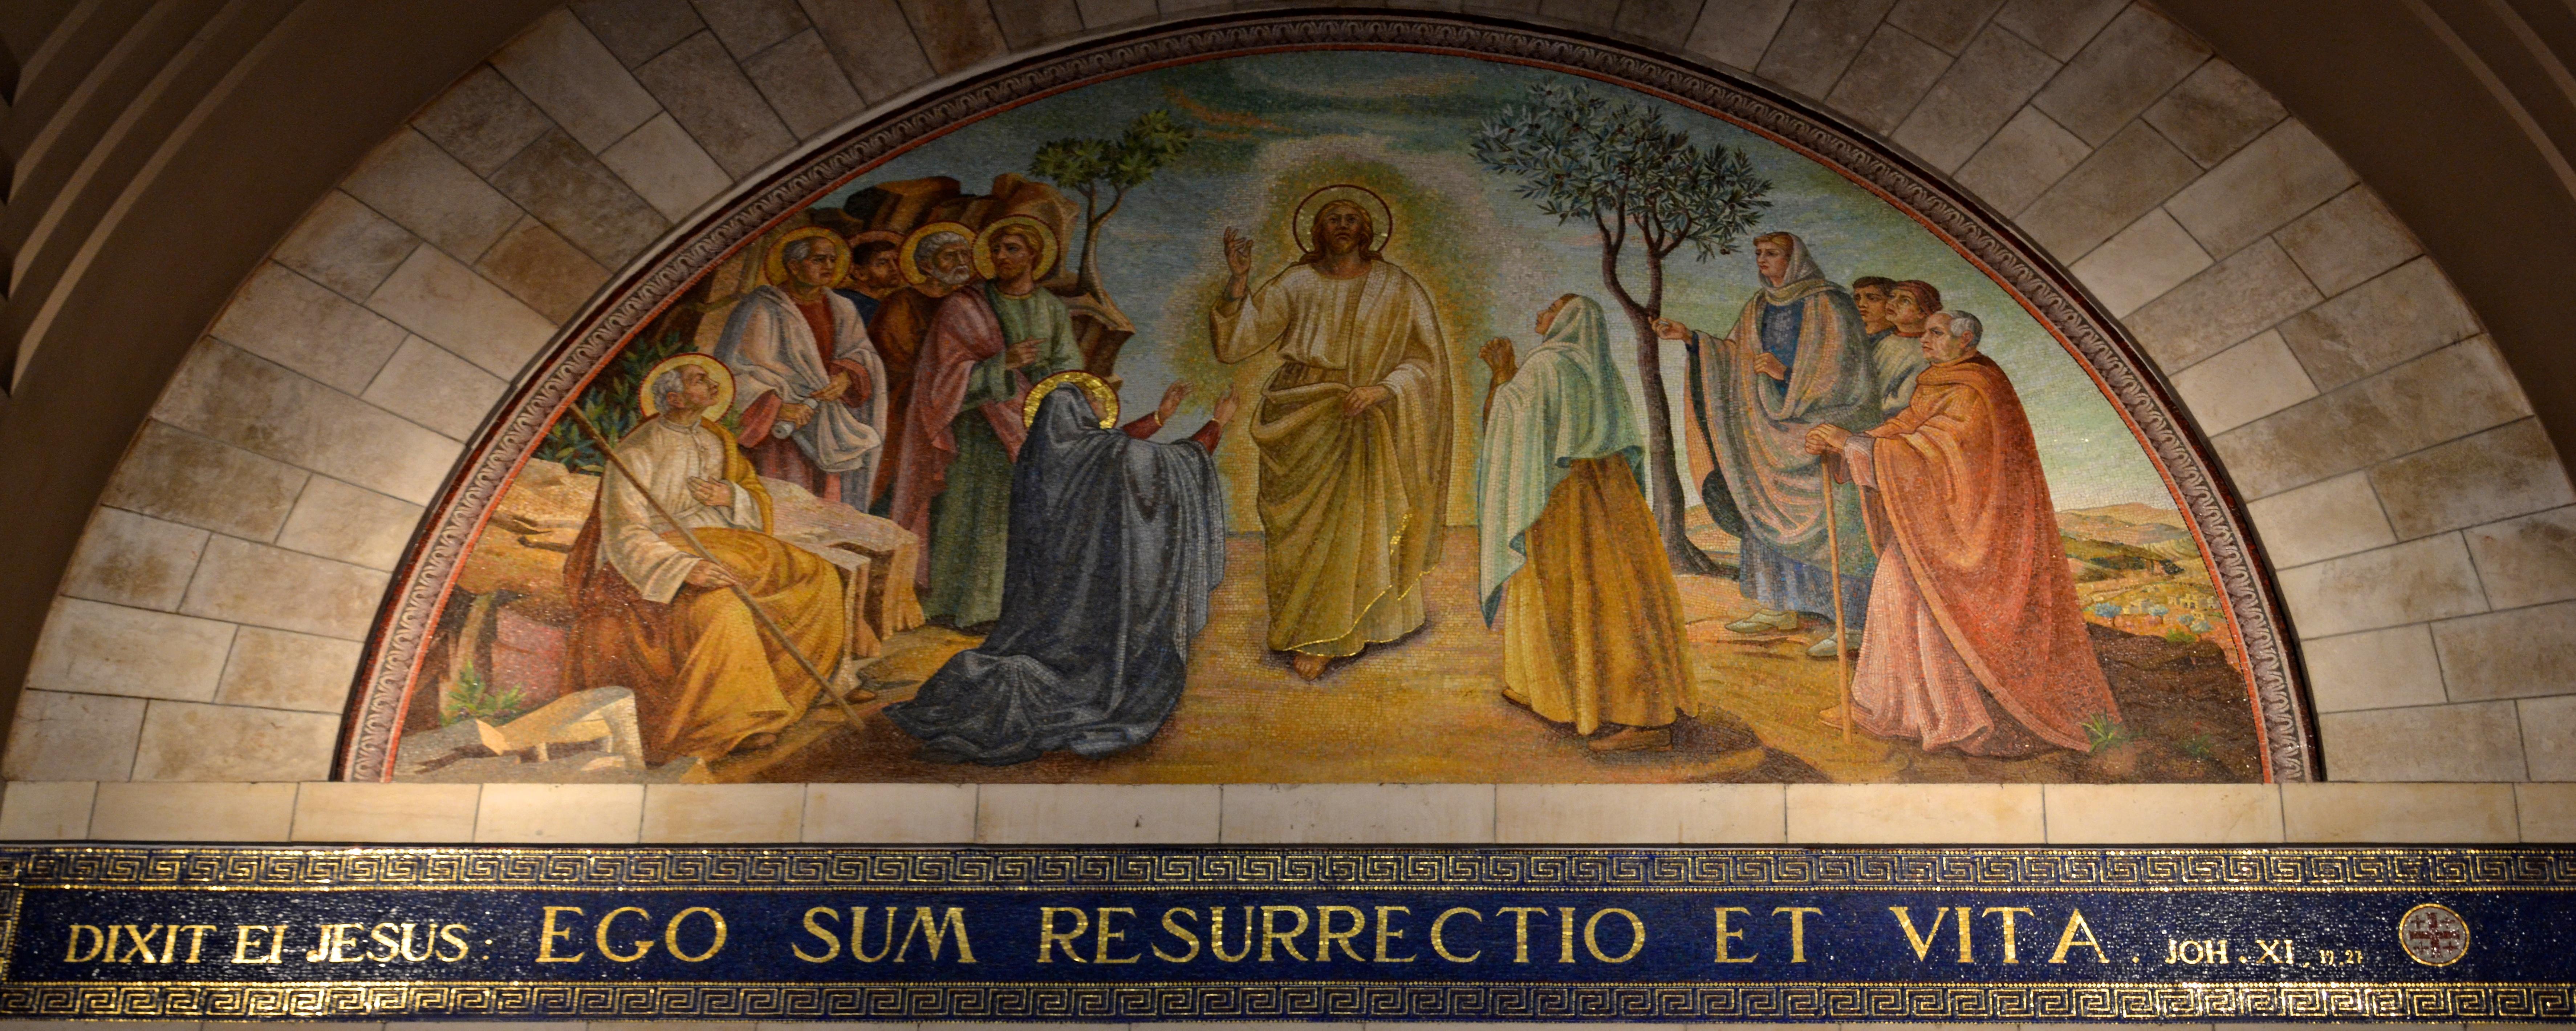 Lazarus Saturday – By Common Consent, a Mormon Blog